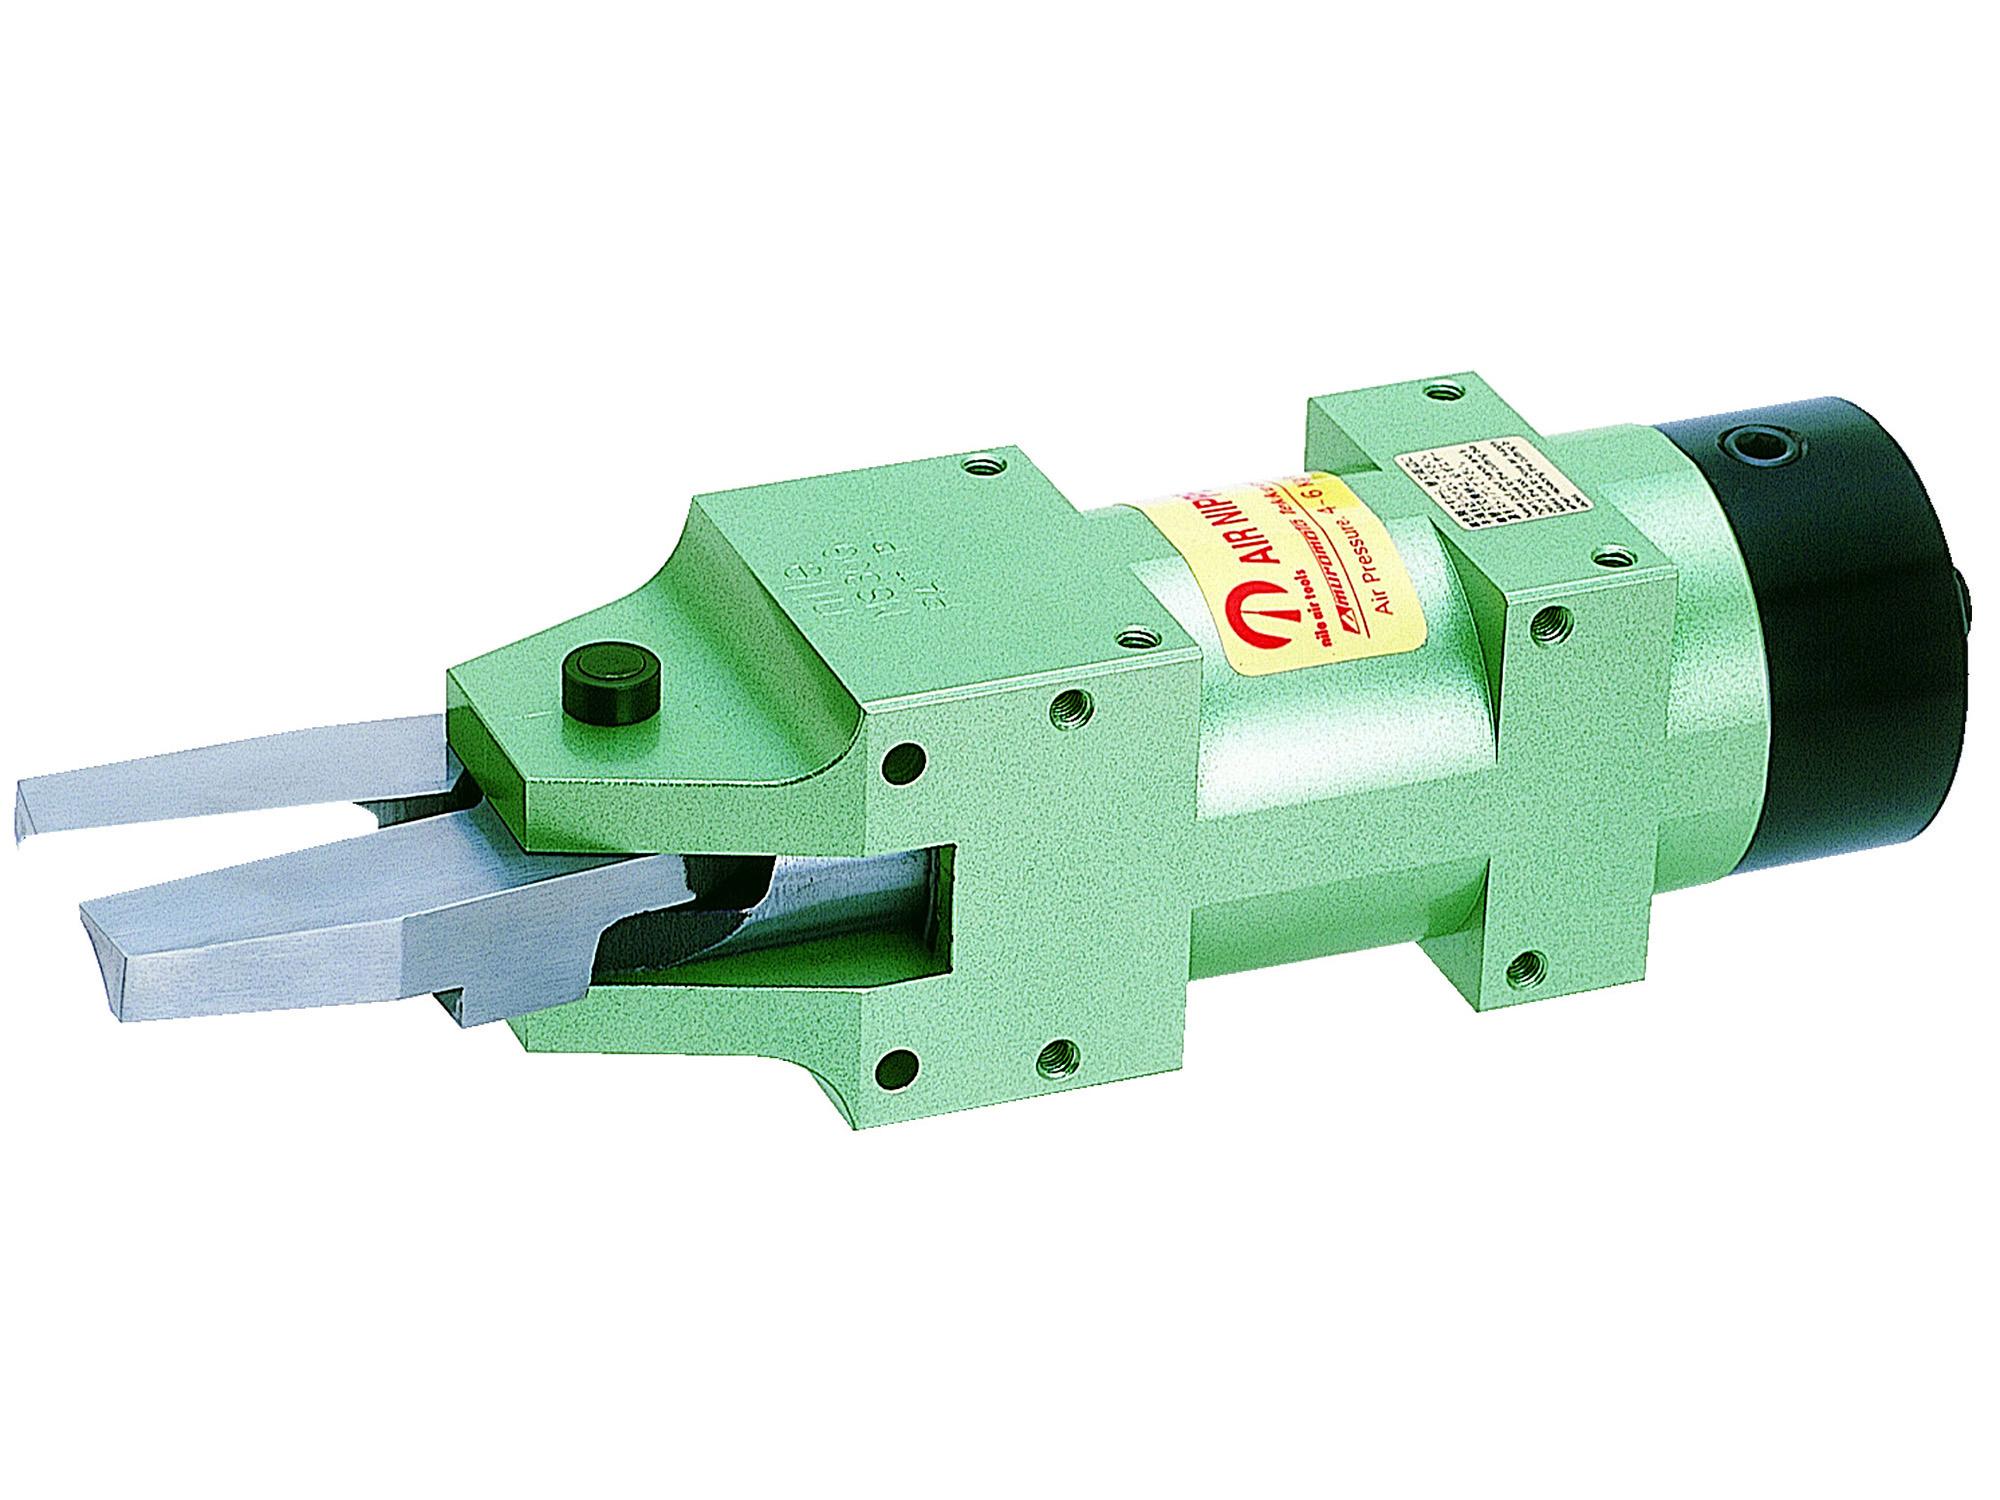 MS-G型 機械取付式角型エアーニッパ 標準タイプ